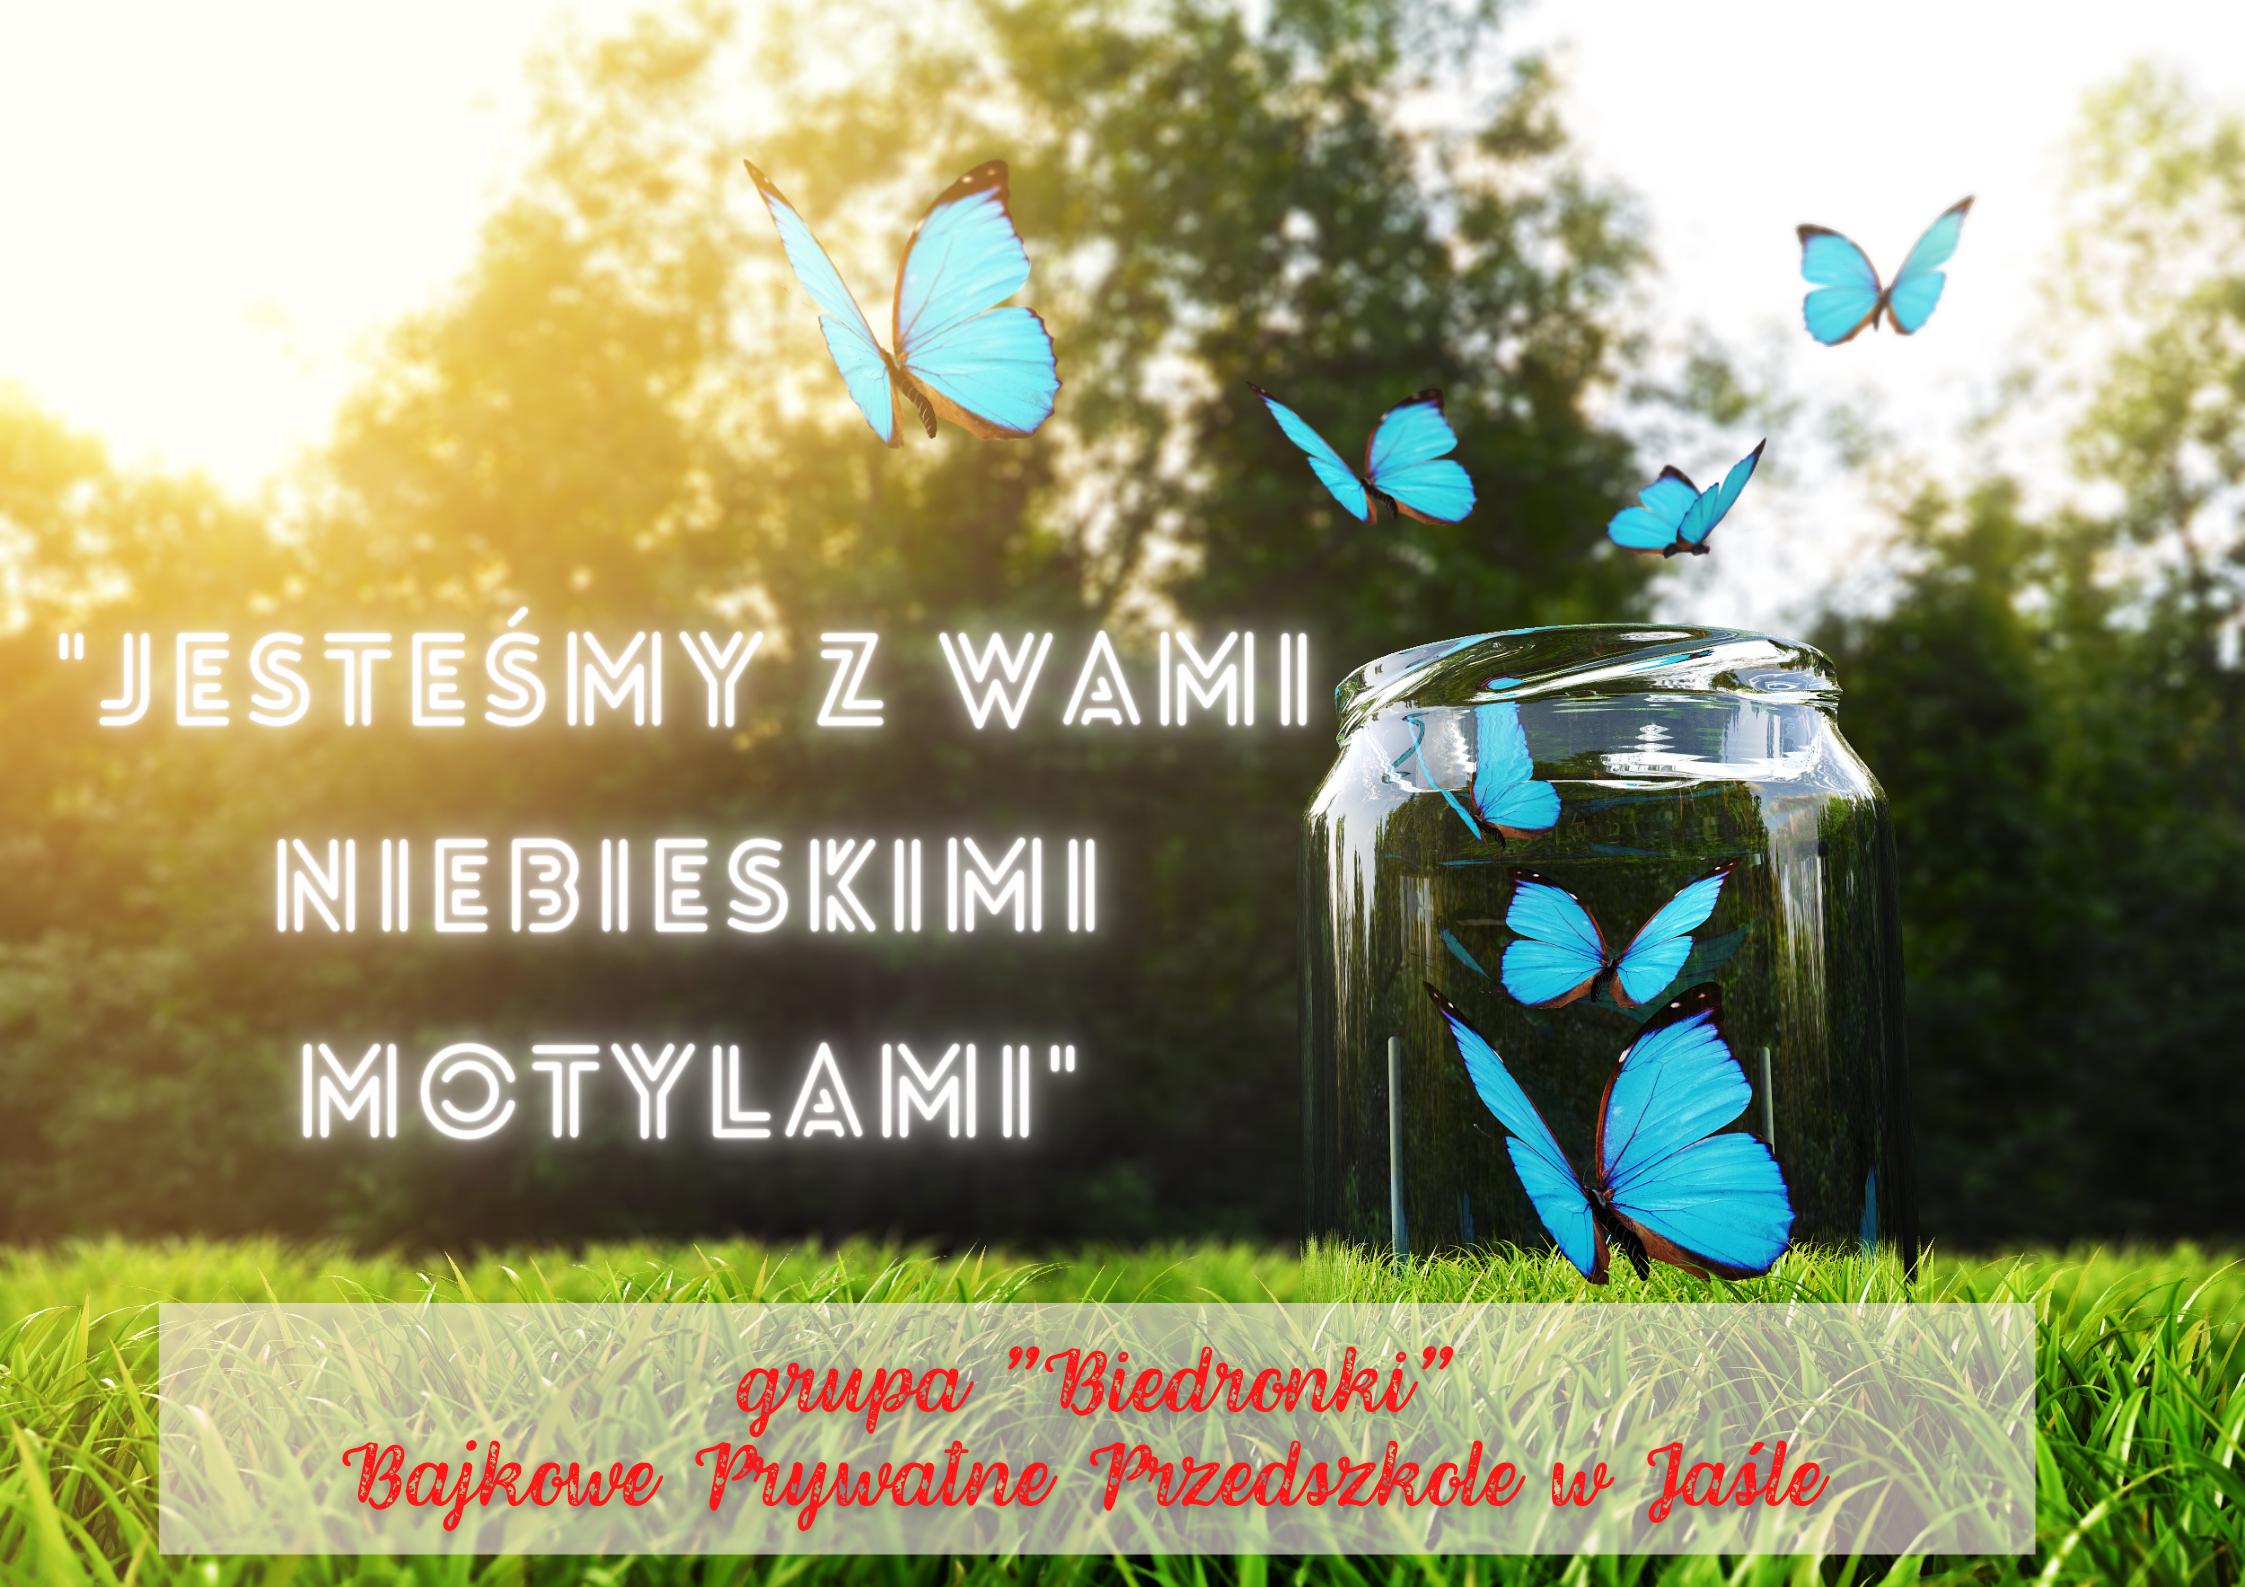 1. jesteśmy z wami niebieskimi motylami